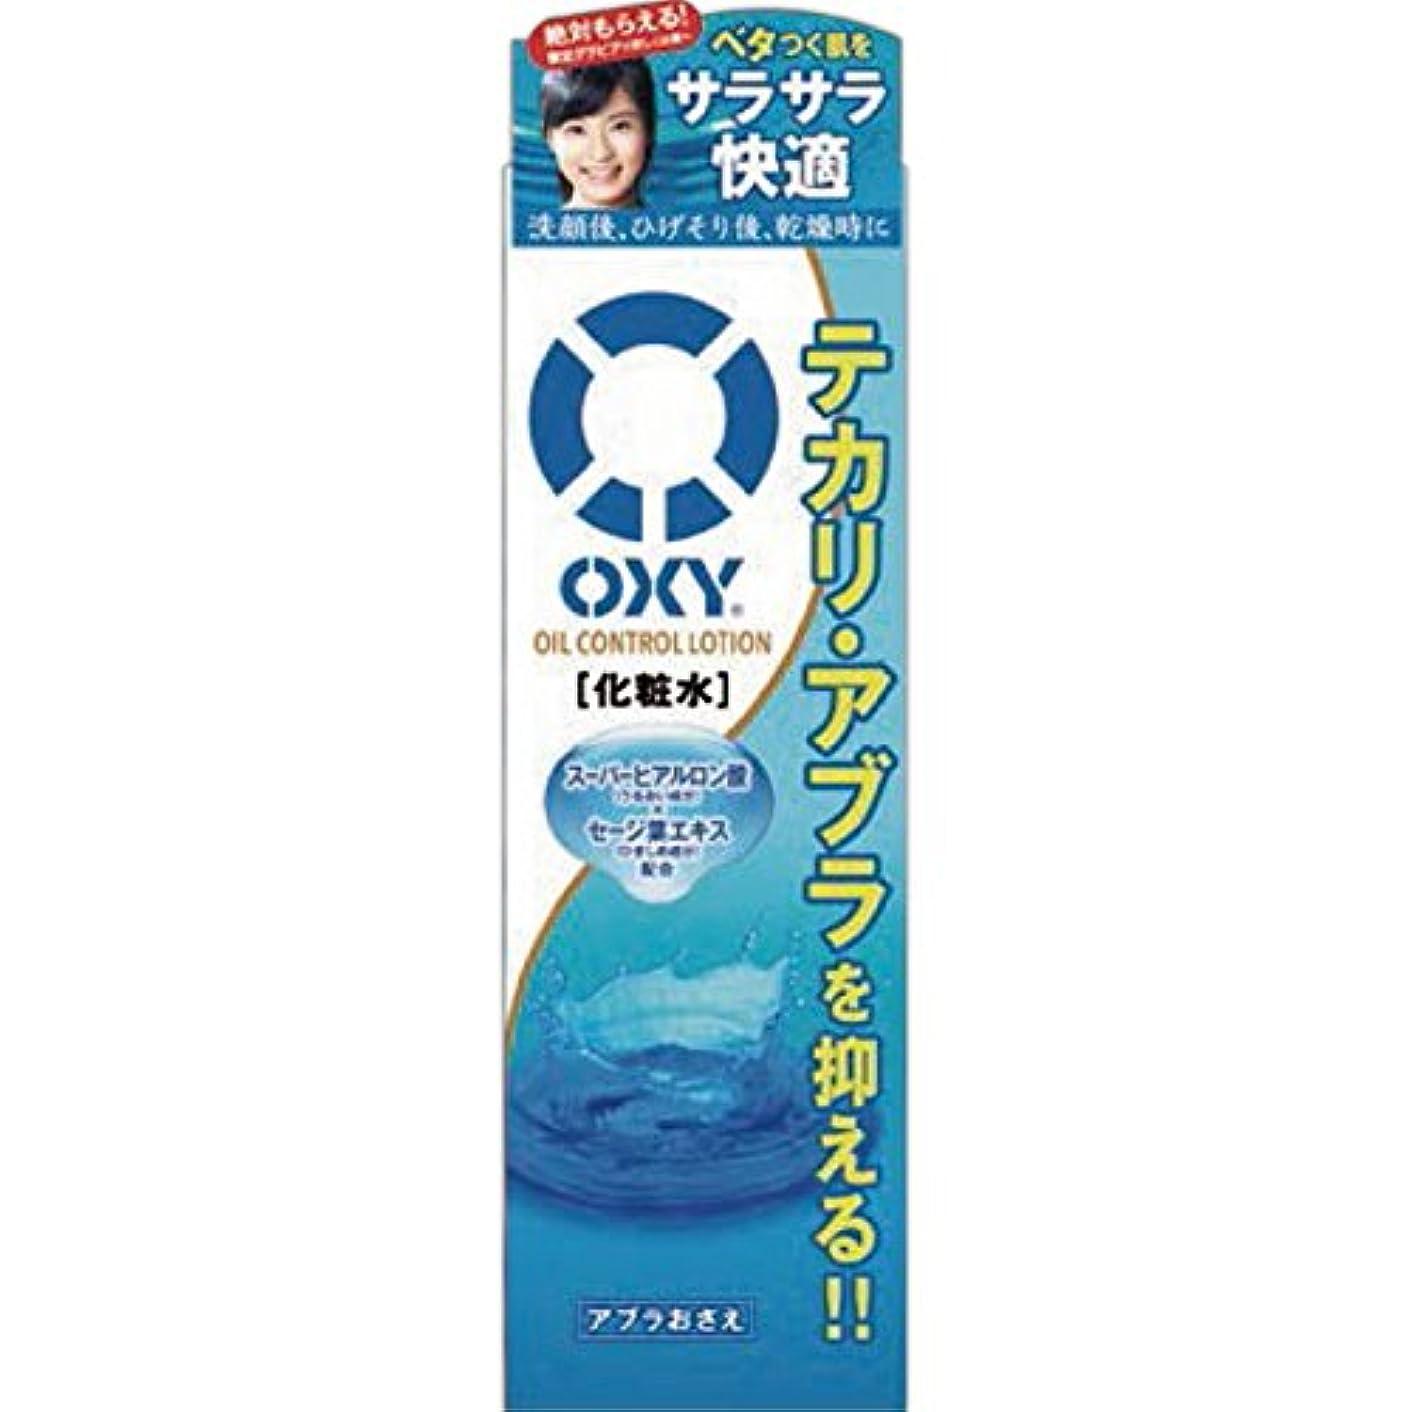 不十分な貝殻水を飲むオキシー (Oxy) オイルコントロールローション スーパーヒアルロン酸×セージ葉エキス配合 ゼラニウムの香 170mL